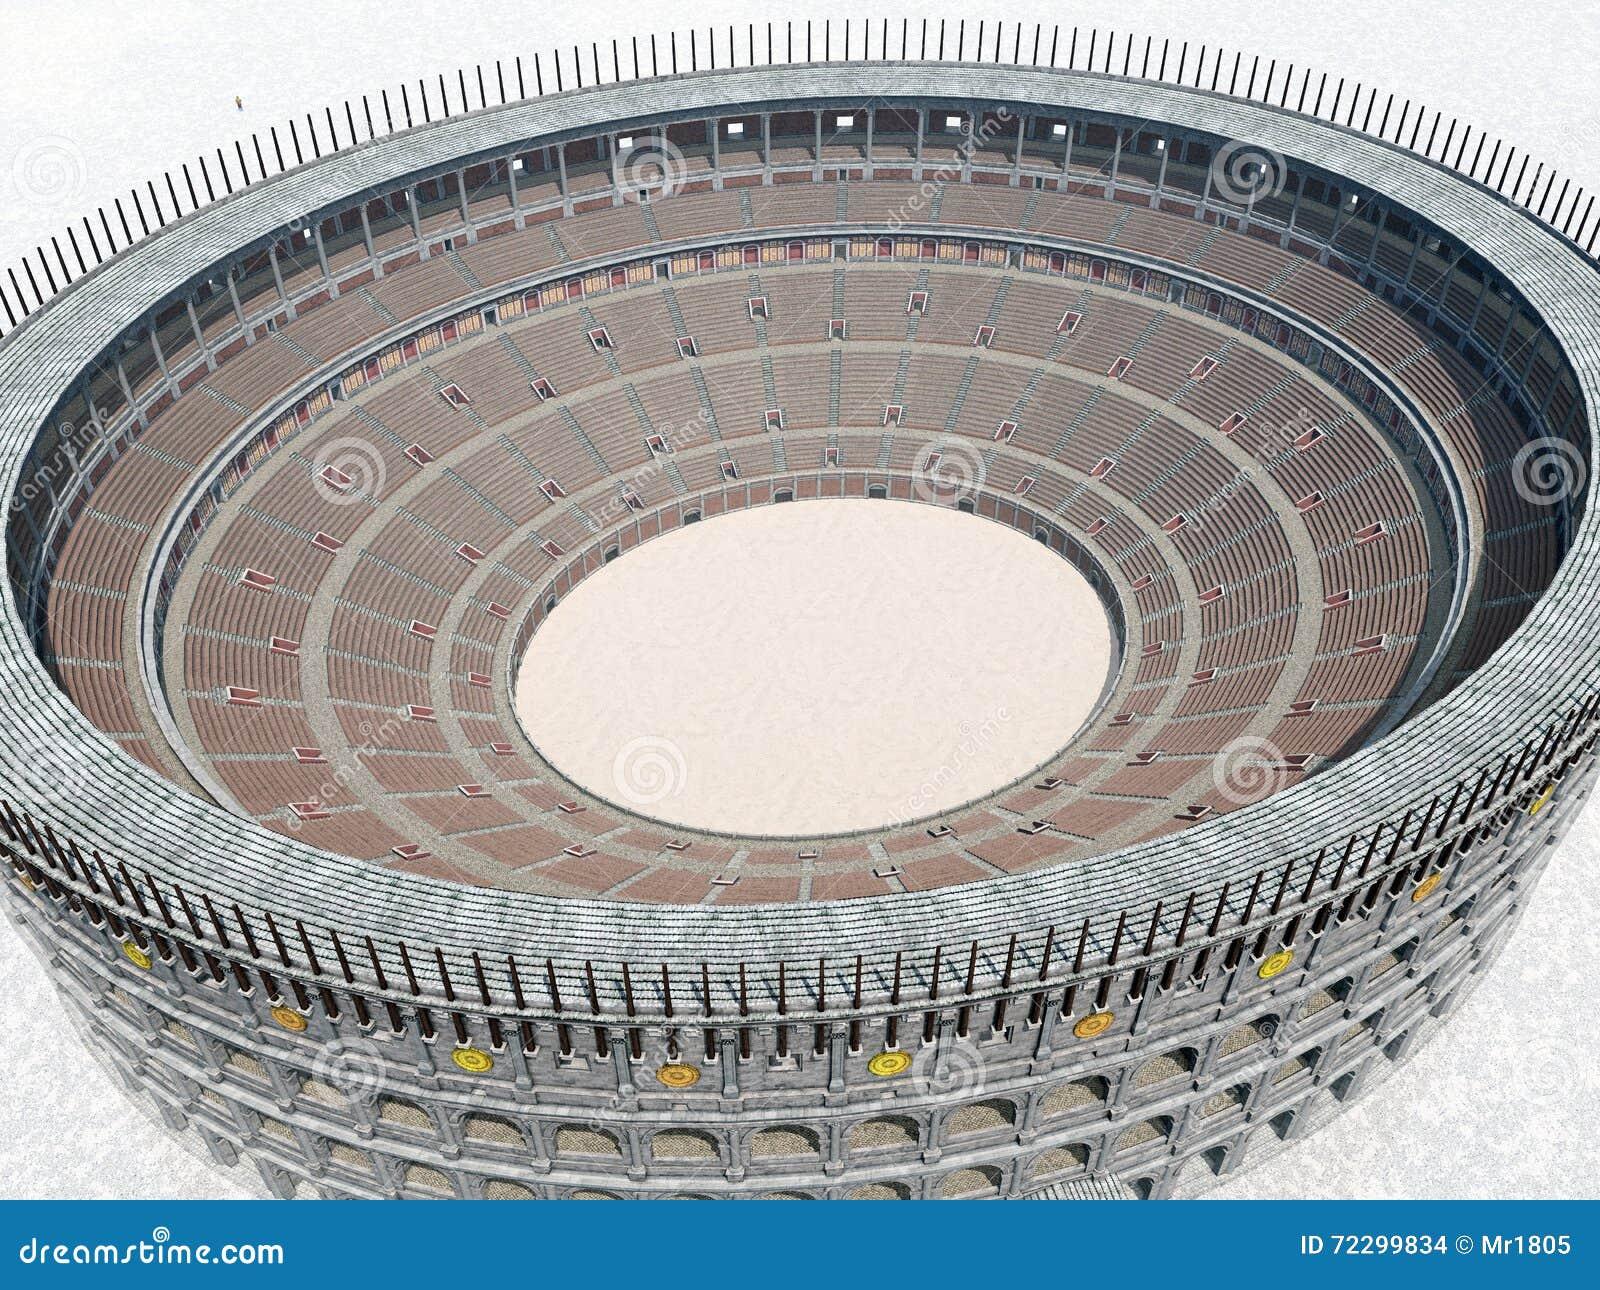 Download Colosseum в старом Риме иллюстрация штока. иллюстрации насчитывающей историческо - 72299834